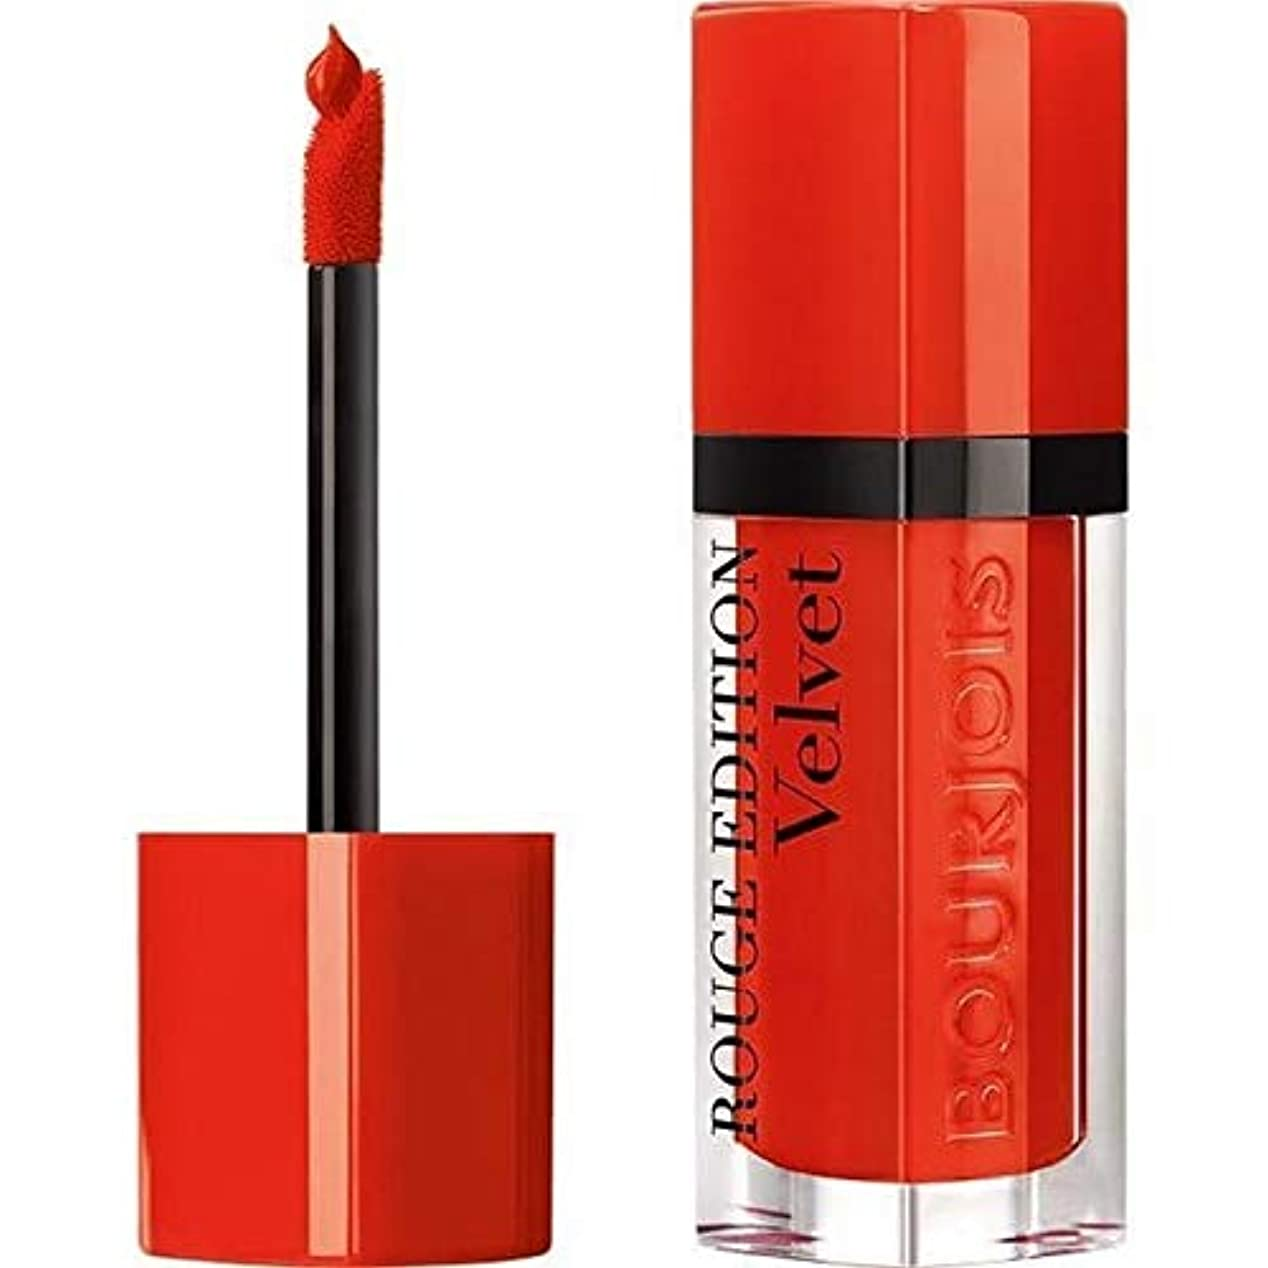 楽観人間強います[Bourjois ] ブルジョワルージュ版のベルベットの口紅ケシの日20 - Bourjois Rouge Edition Velvet Lipstick Poppy Days 20 [並行輸入品]